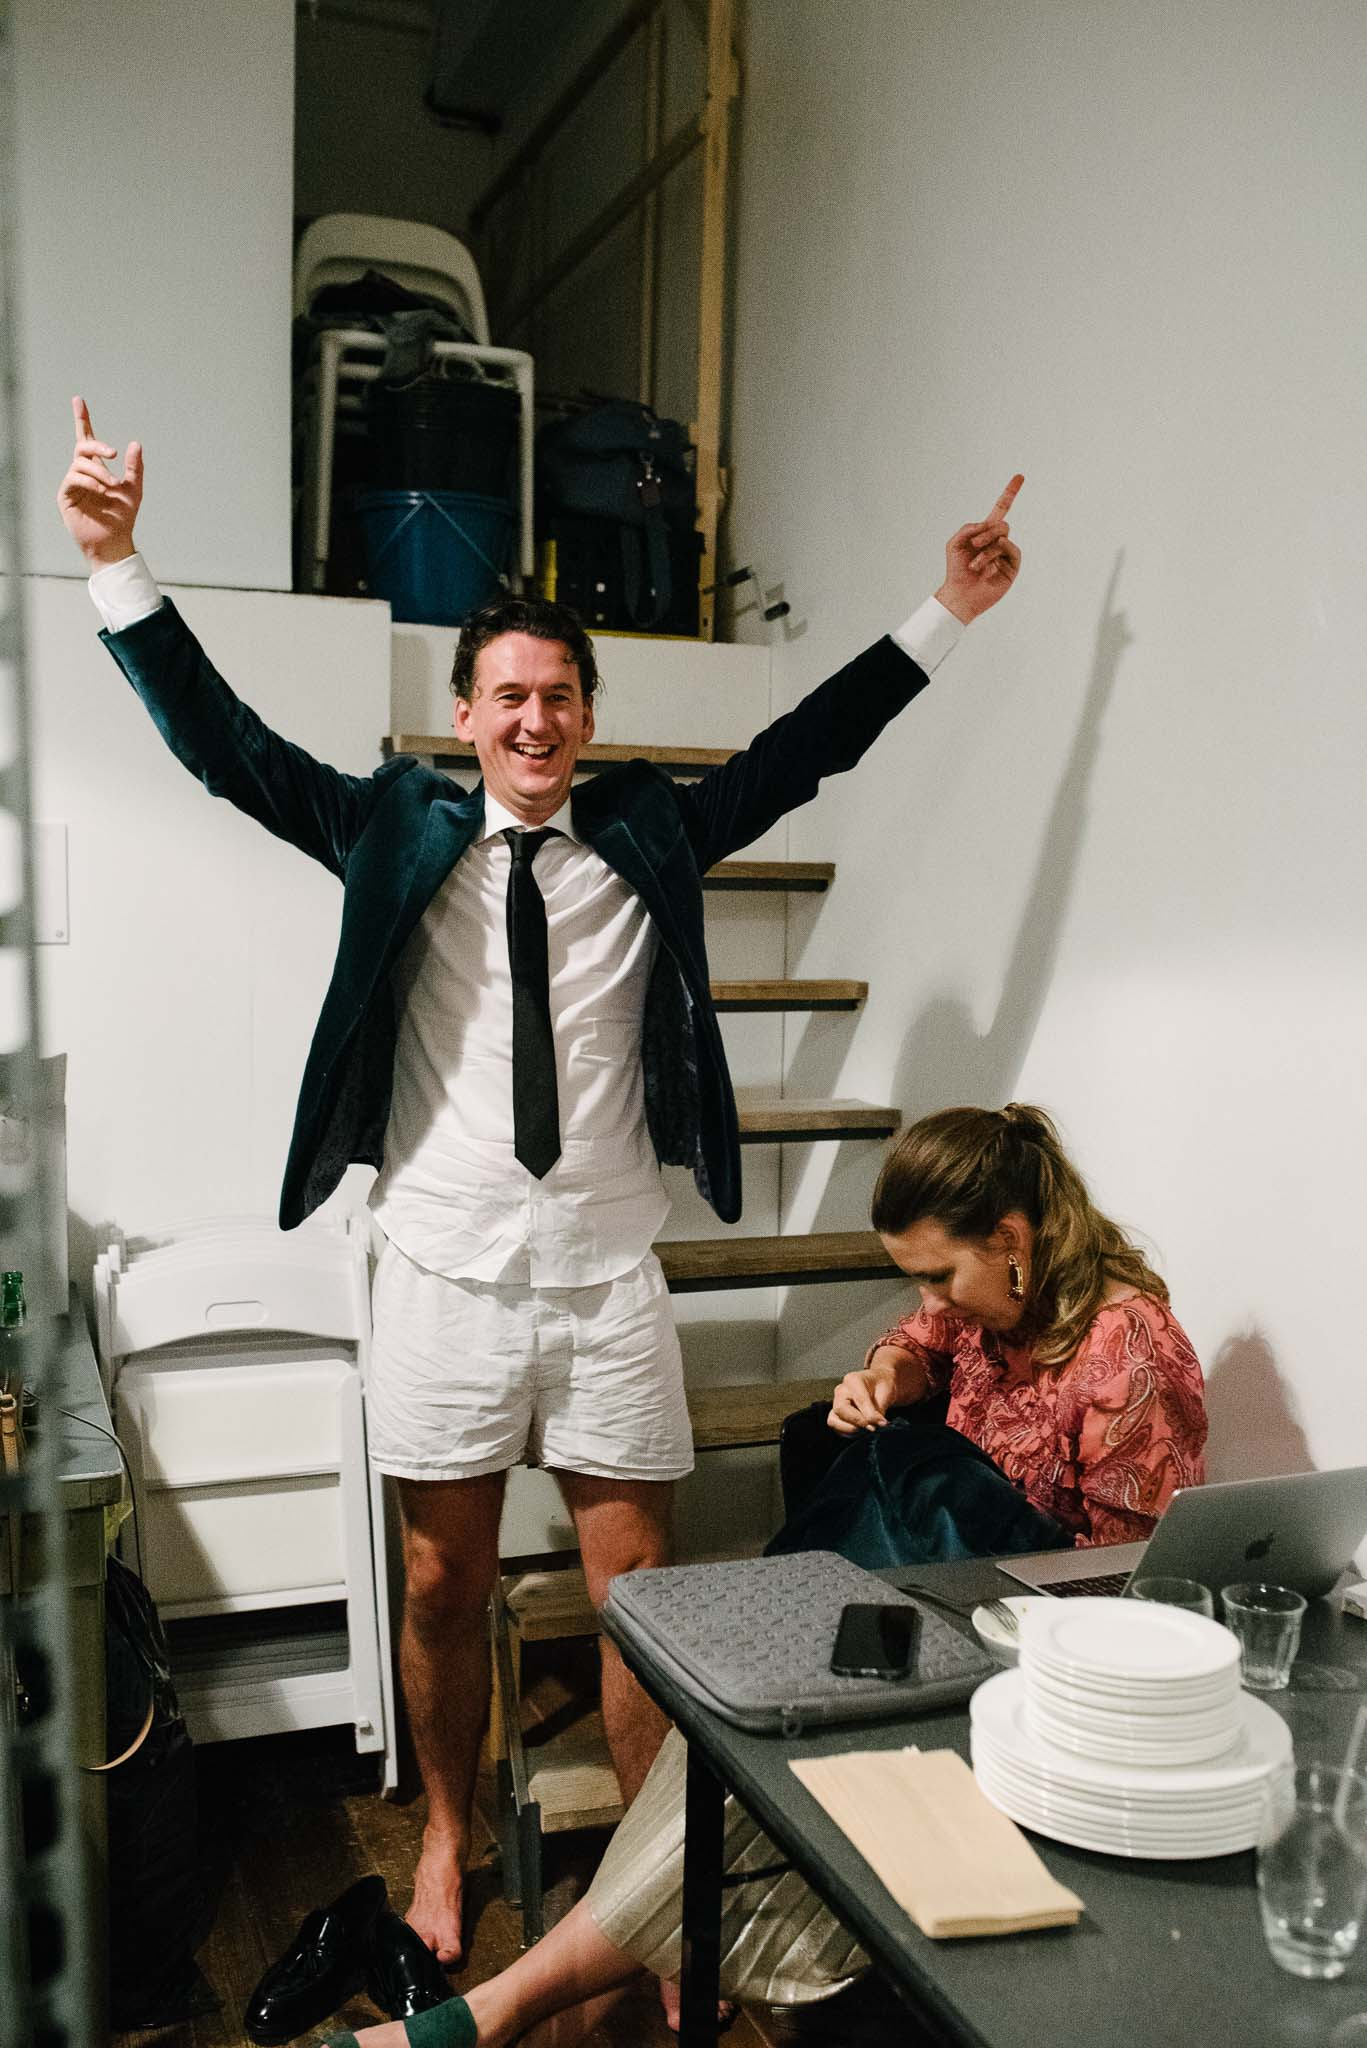 bruiloft in Amsterdam fotograaf journalistiek humor